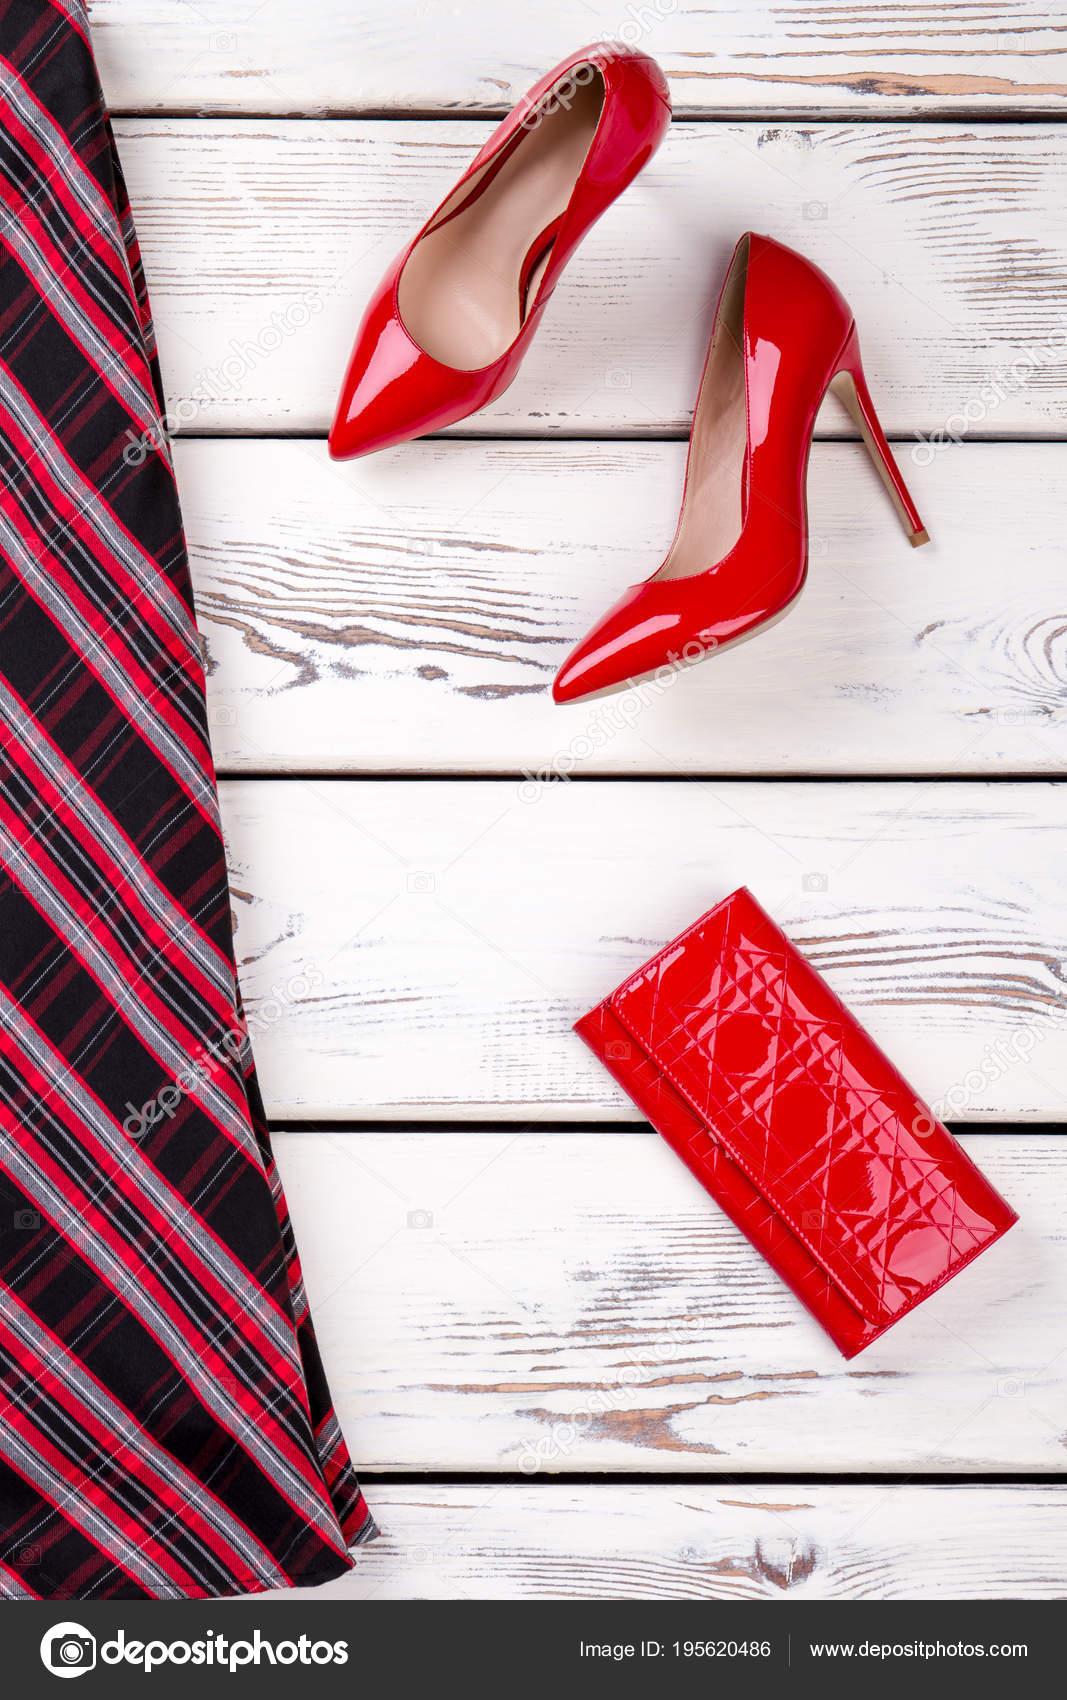 312fba6c76 Falda mujer de roja y negra